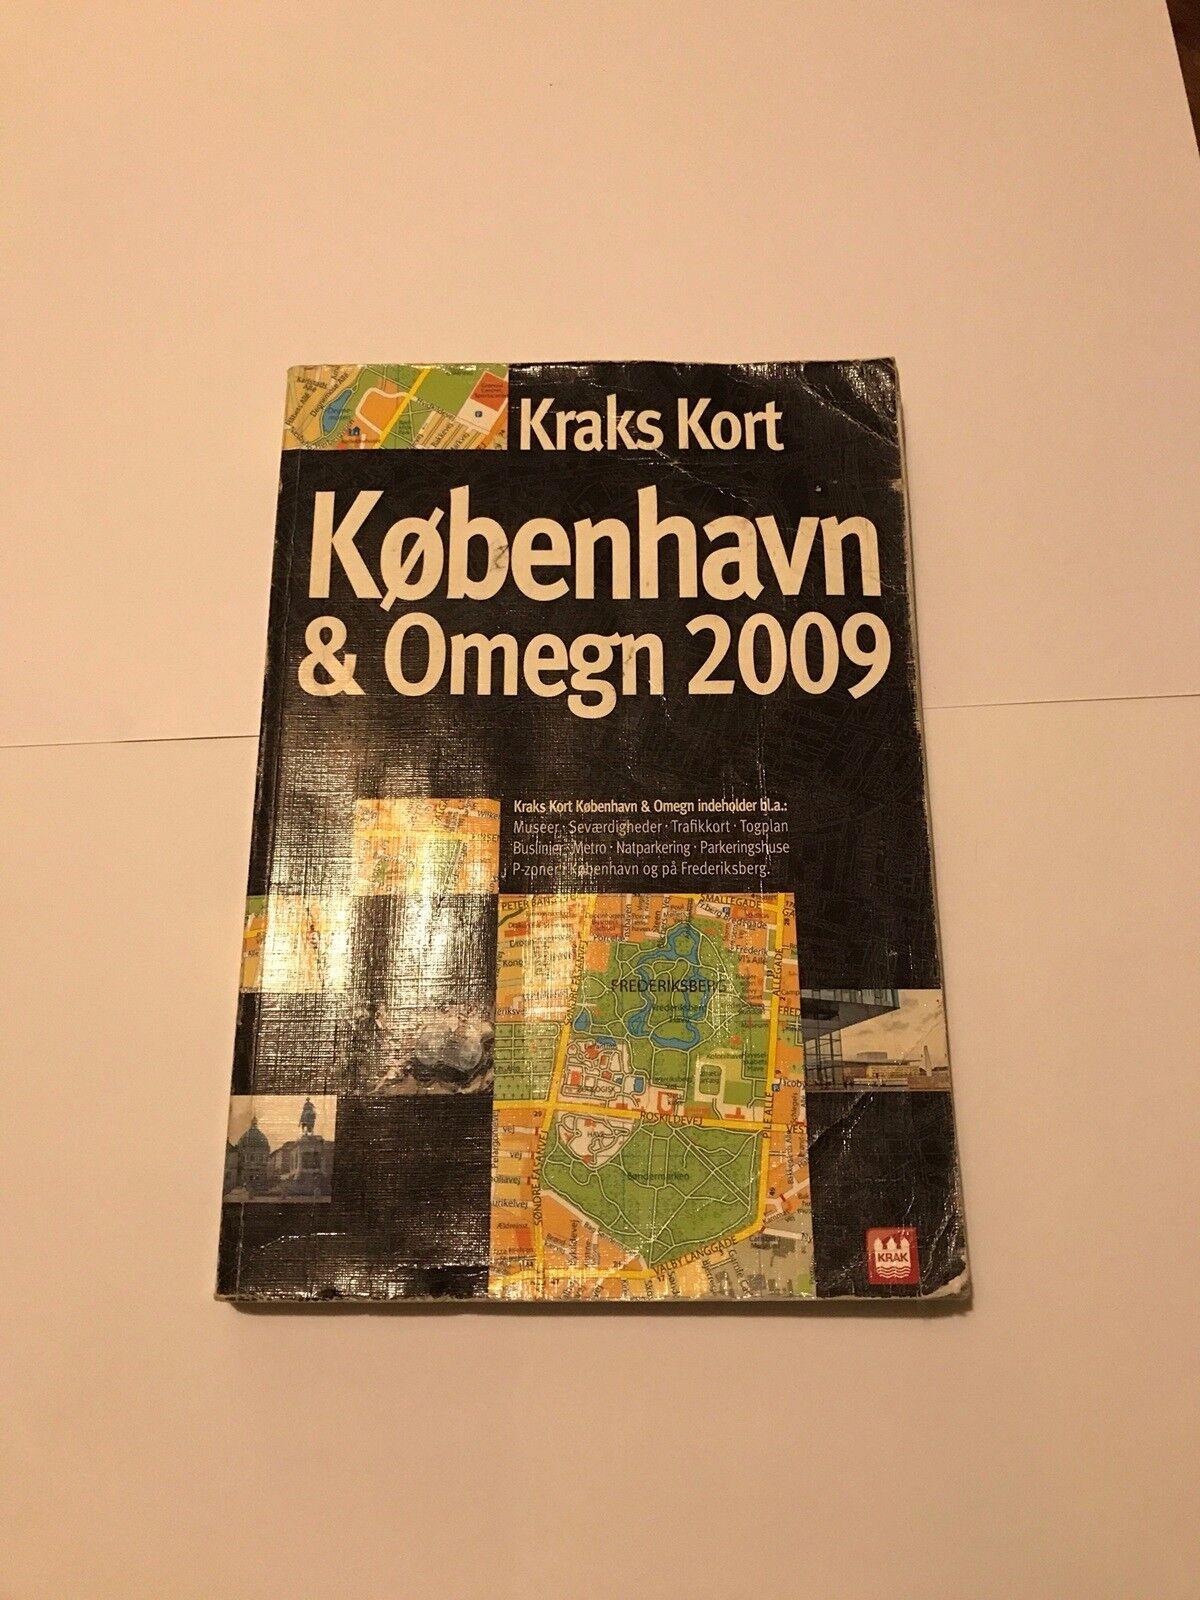 Kobenhavn Omegn 2009 Kraks Kort Dba Dk Kob Og Salg Af Nyt